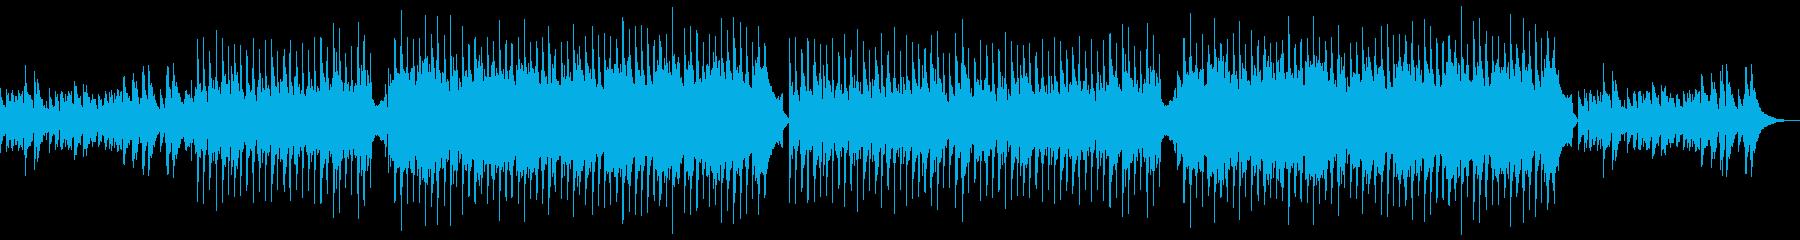 アコギ・失恋・切ないメロディーの再生済みの波形